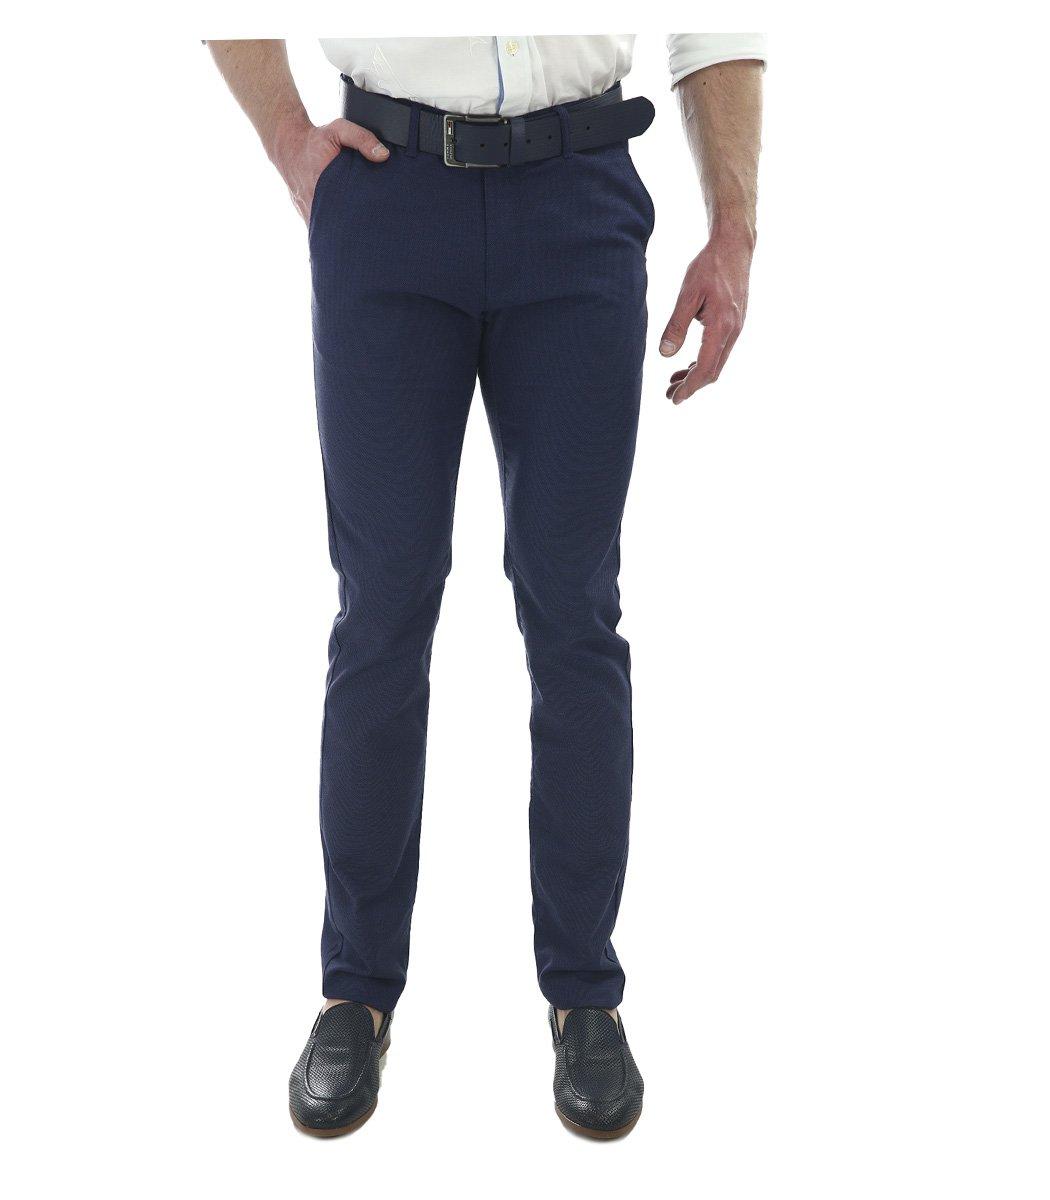 Фиолетовые брюки Tommy Hilfiger 7644-3